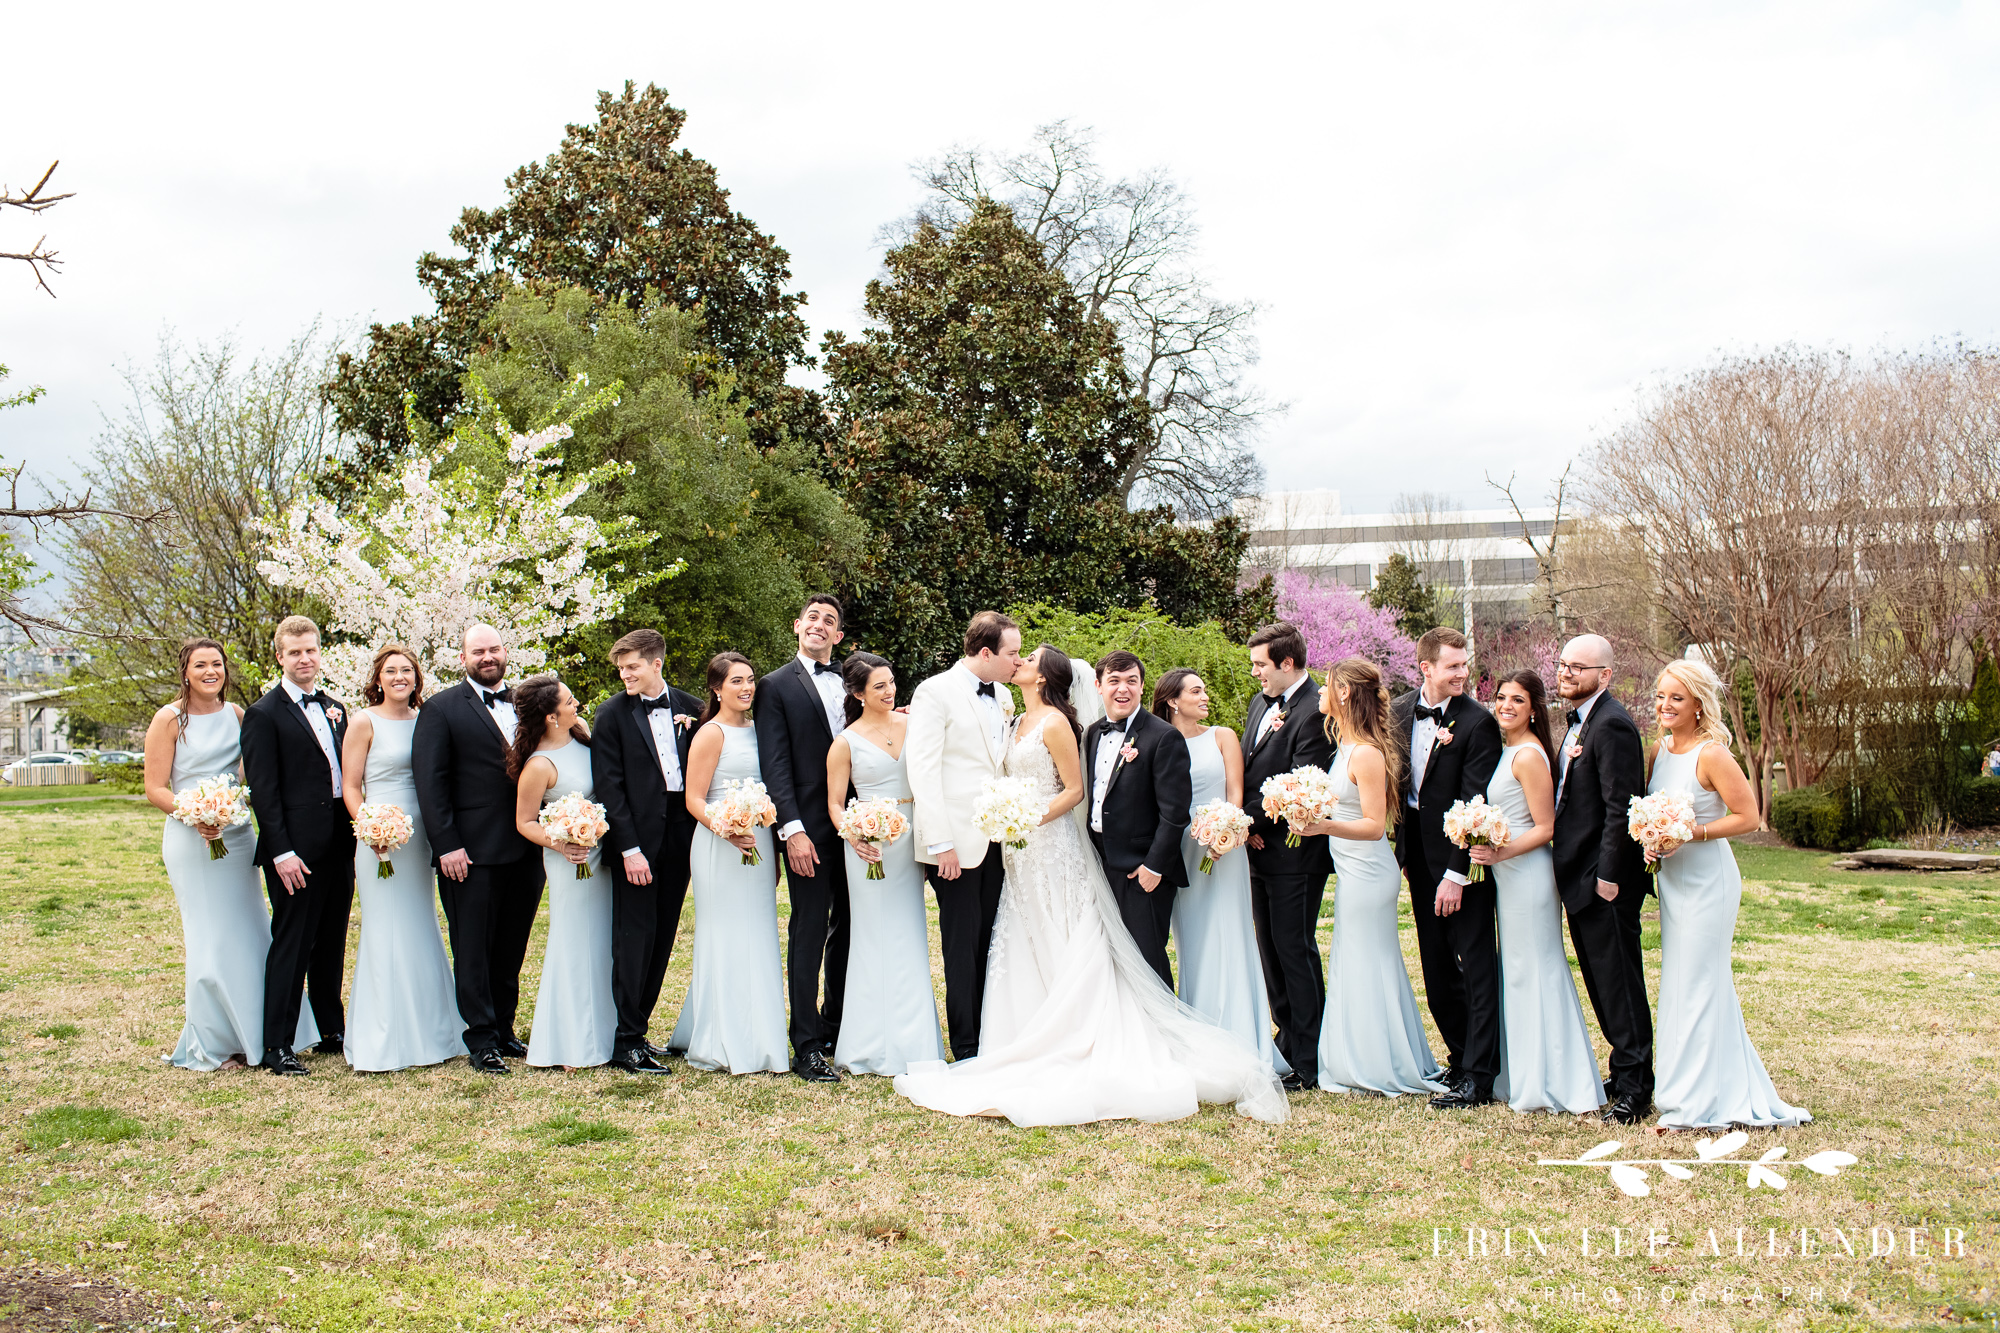 Centennial-Park-wedding